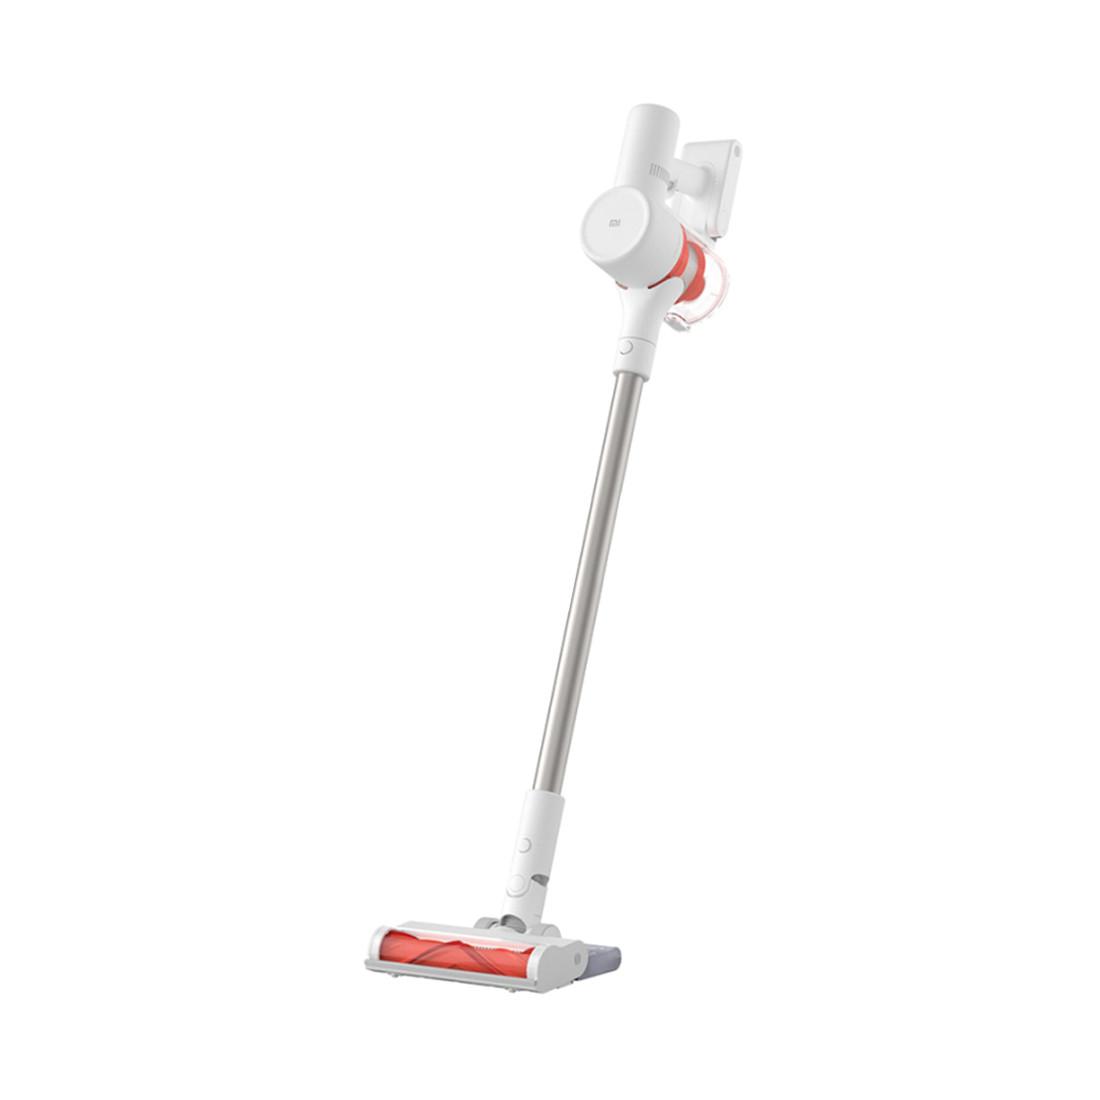 Беспроводной вертикальный пылесос Xiaomi Mi Vacuum Cleaner G10 (MJSCXCQPT)